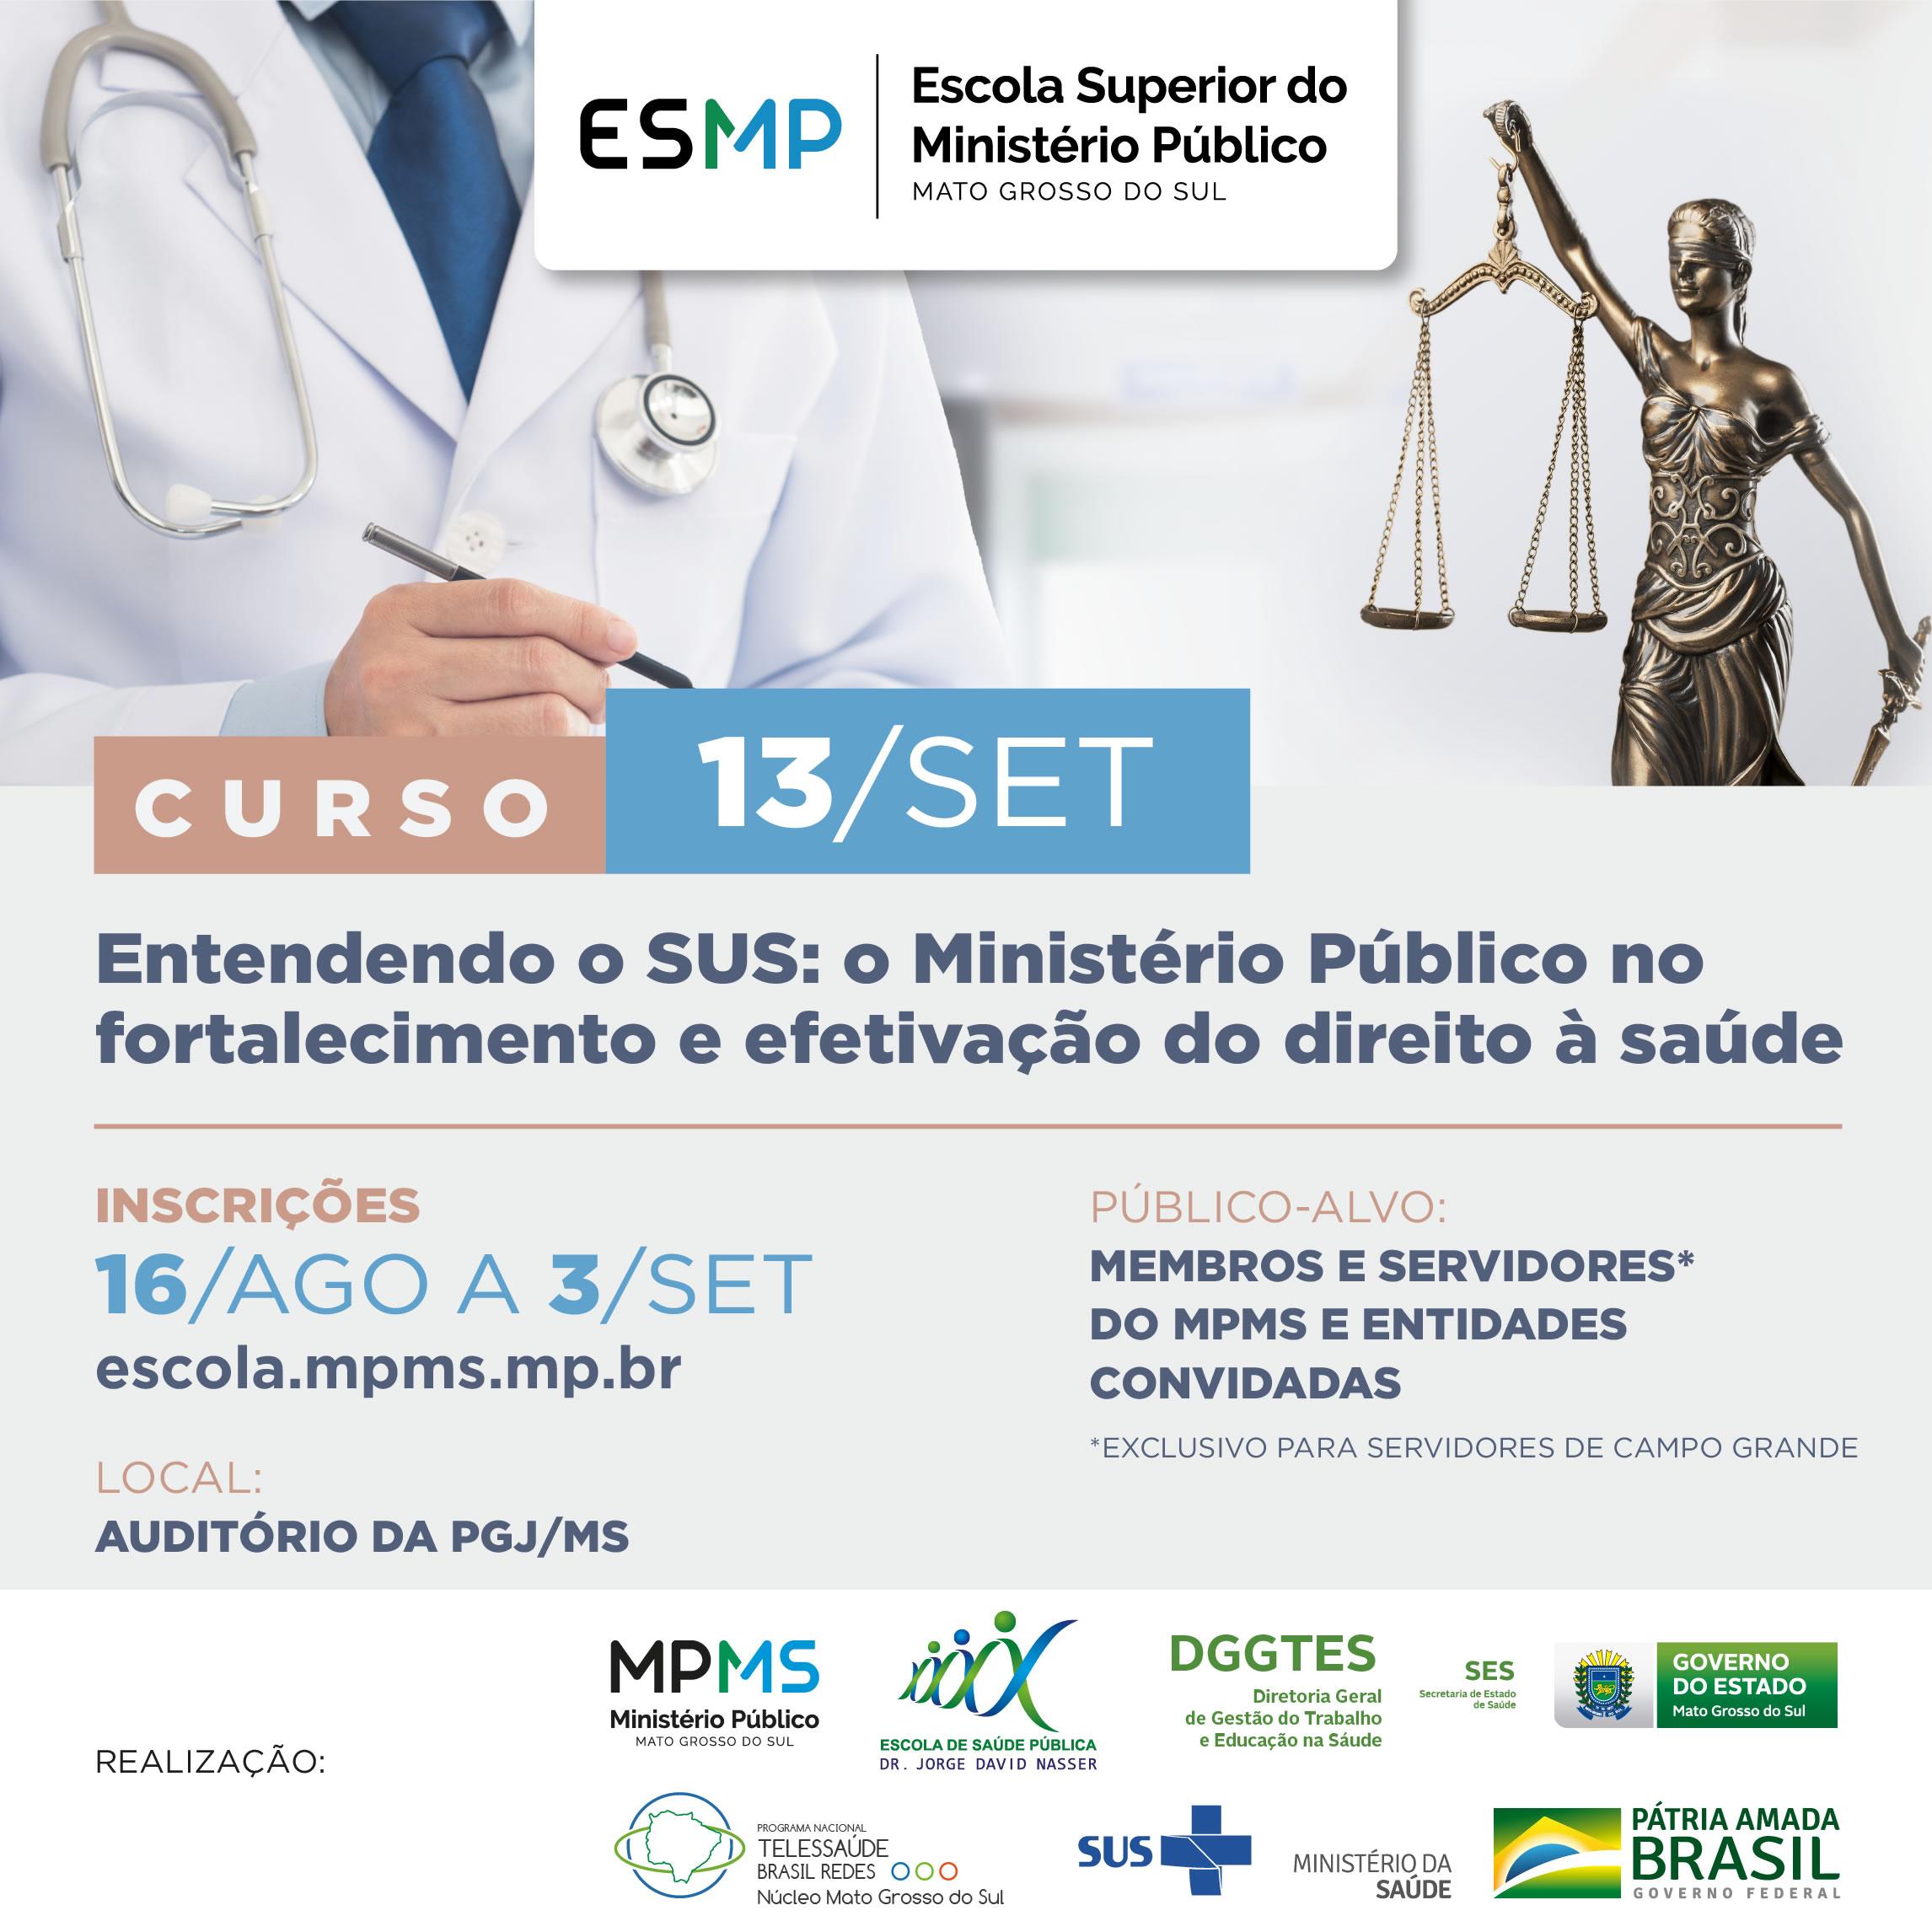 Entendendo o SUS: o Ministério Público no fortalecimento e efetivação do direito à saúde